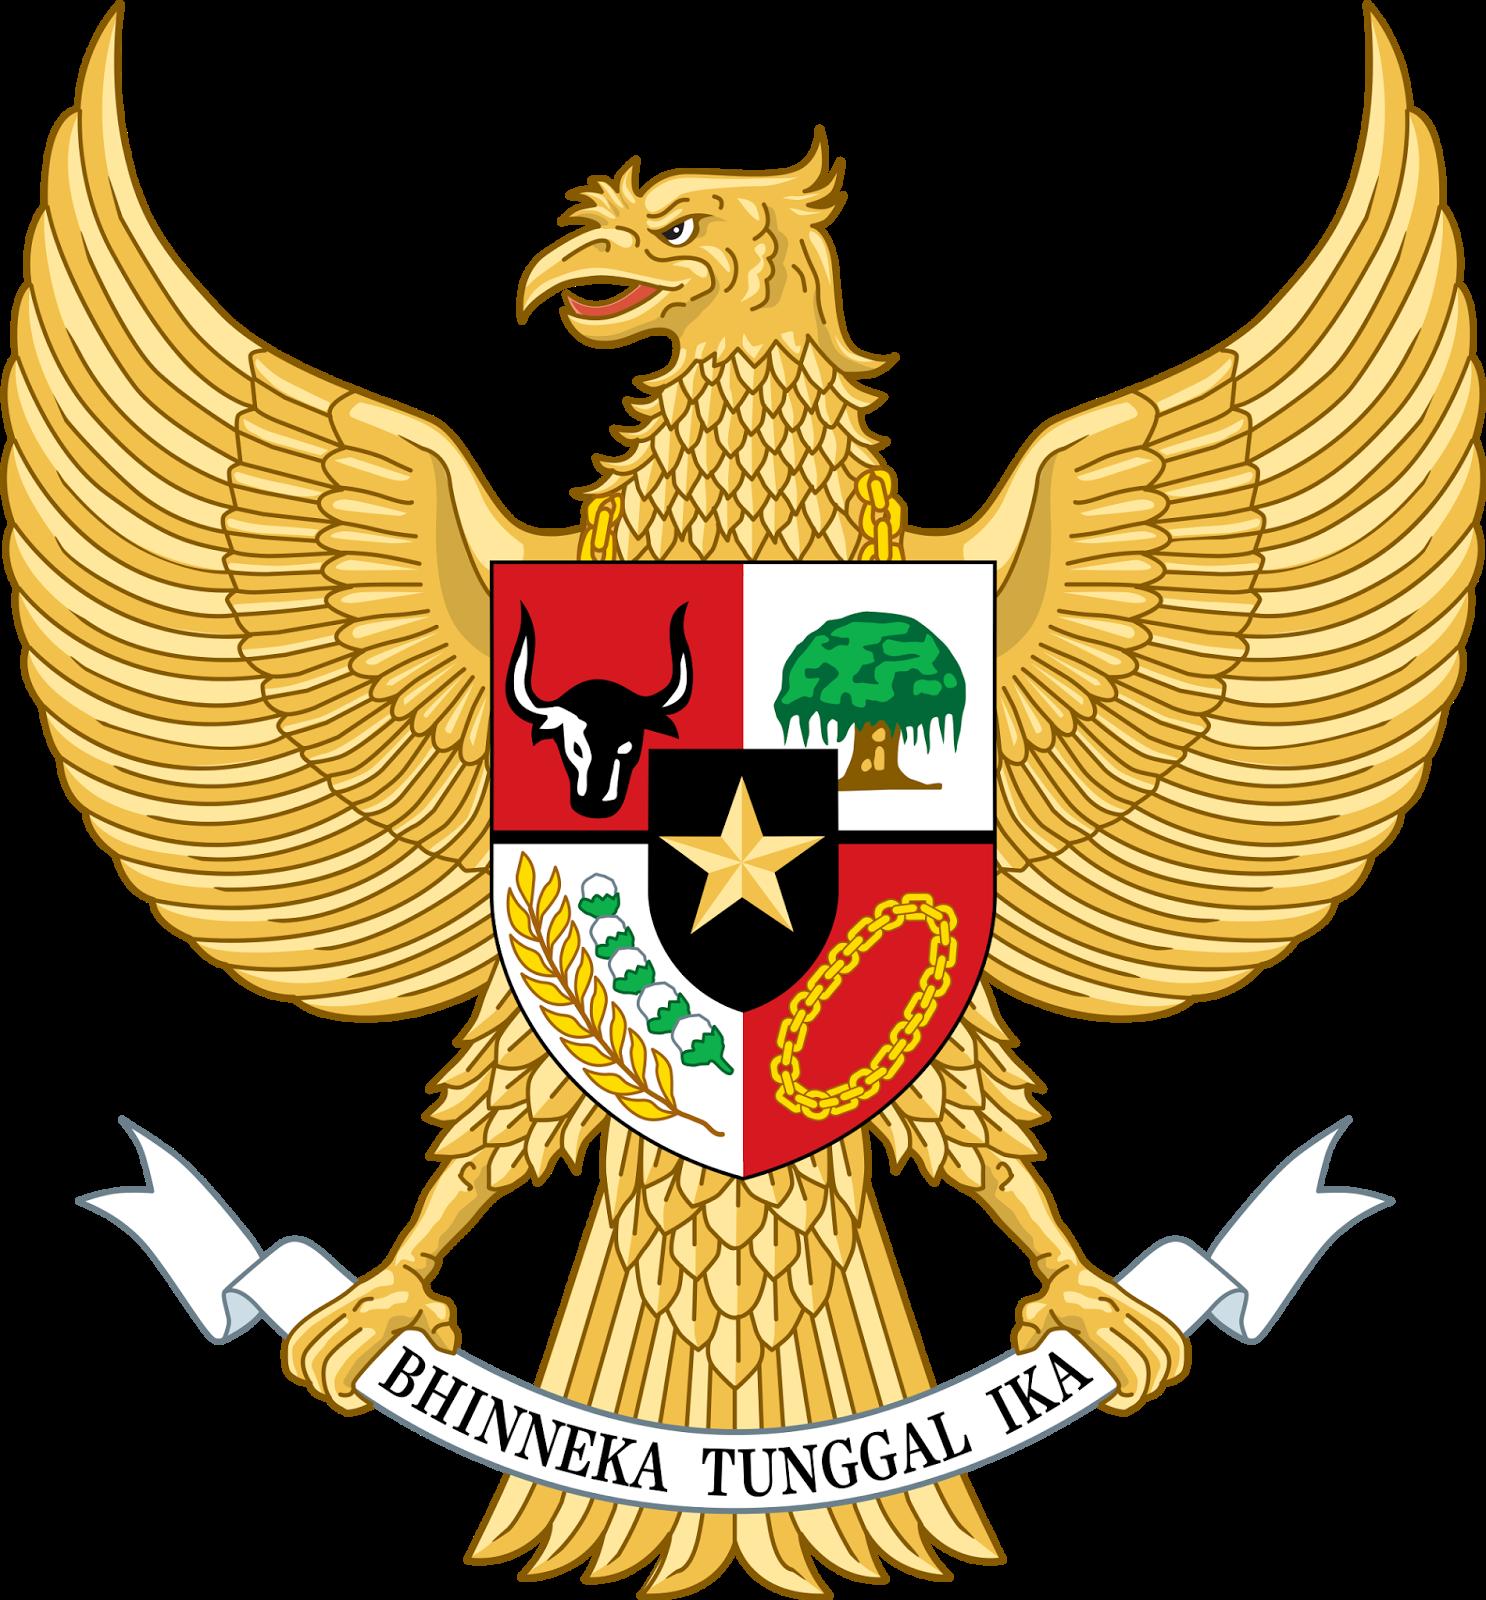 Sudahkah anda tahu siapa pembuat lambang garuda pancasila dasar negara Indonesia Sejarah Garuda Pancasila Lambang Negara Indonesia